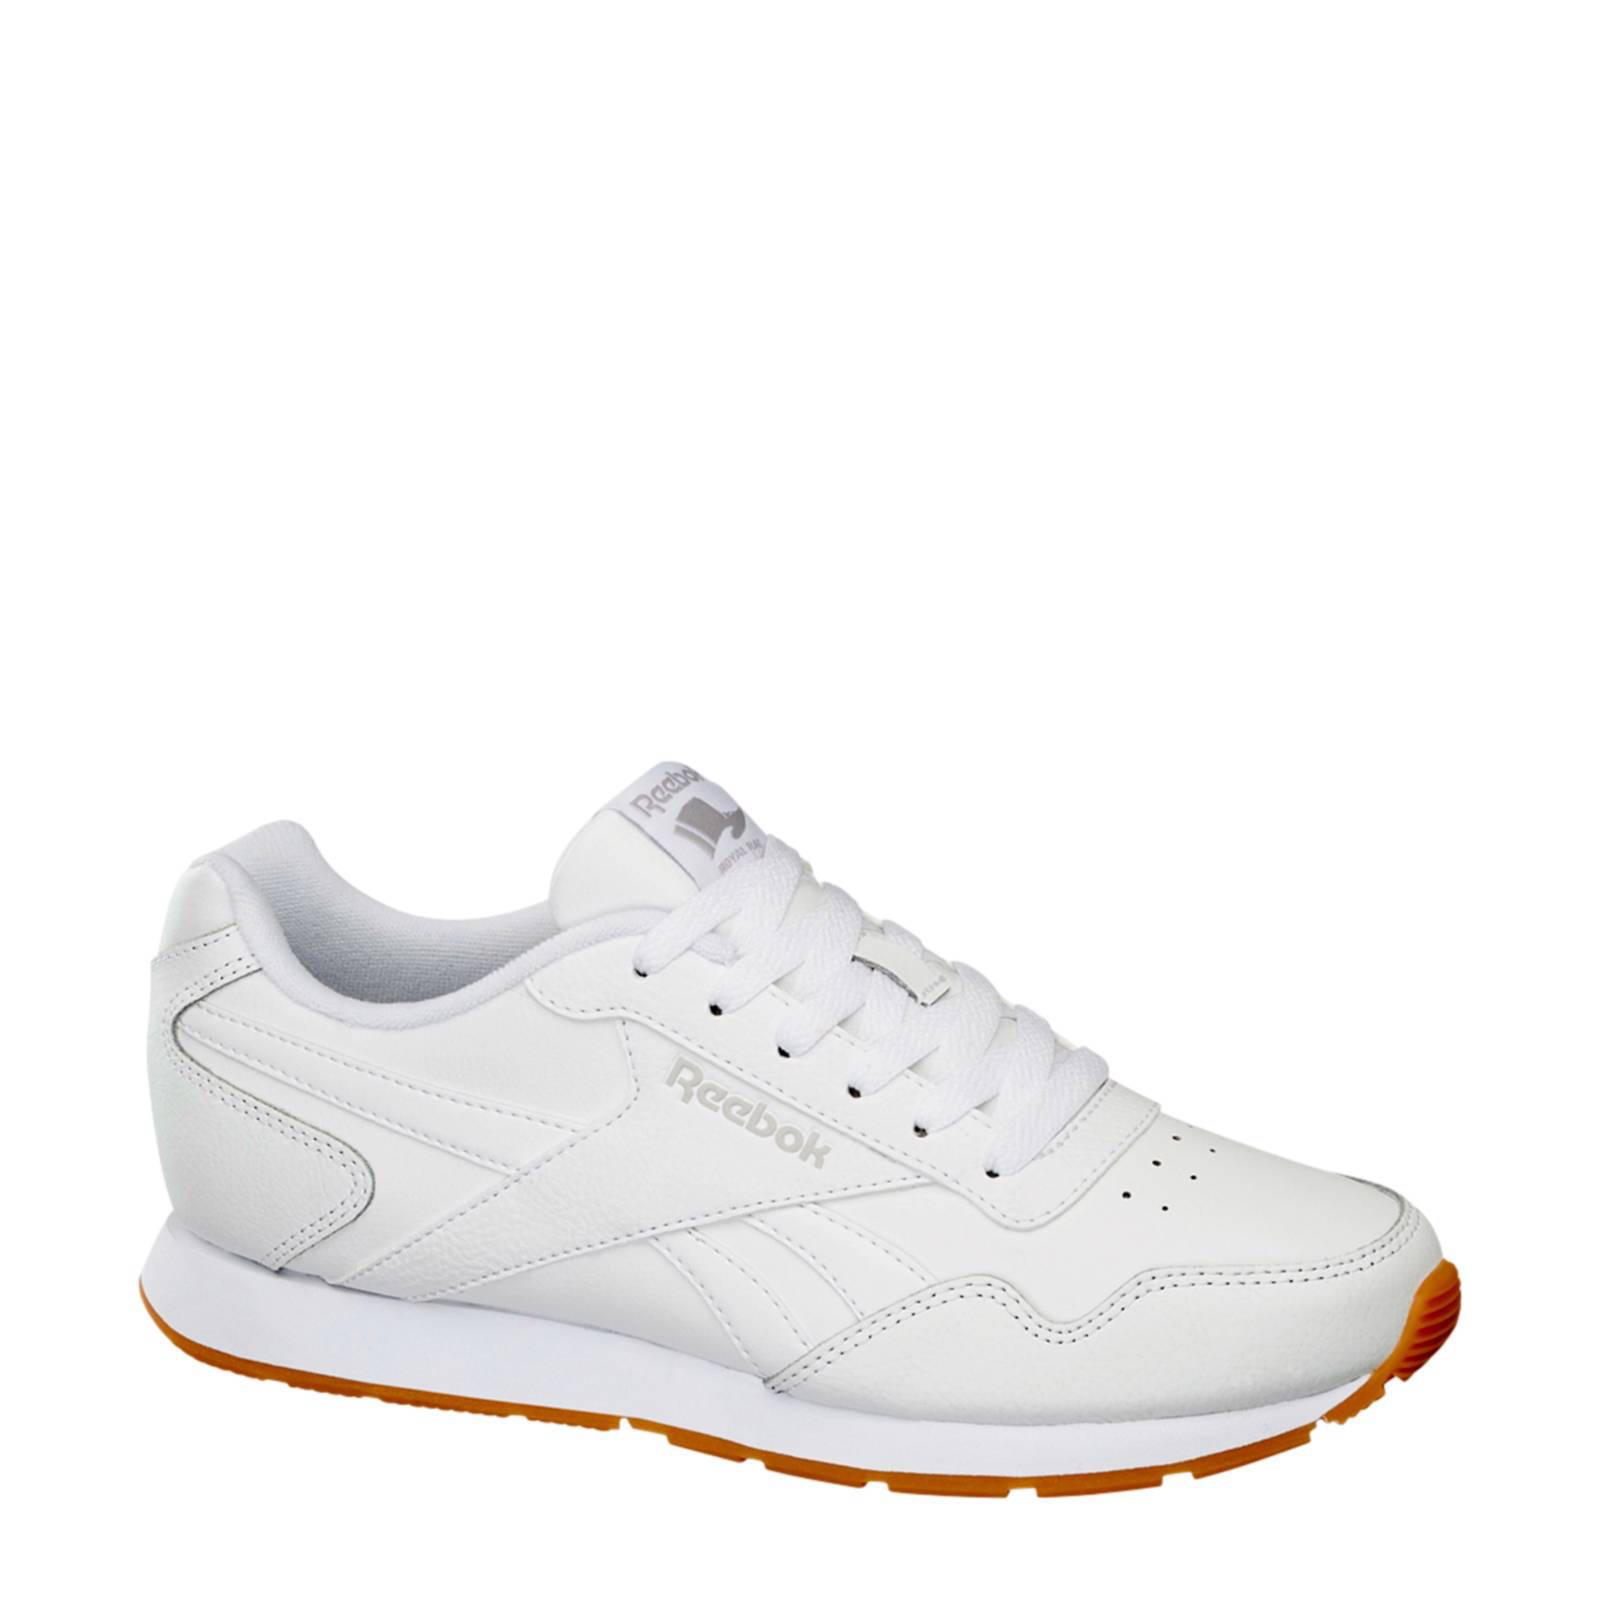 Wehkamp Leren Colorway Glide Sneakers Reebok OnwACFqZw